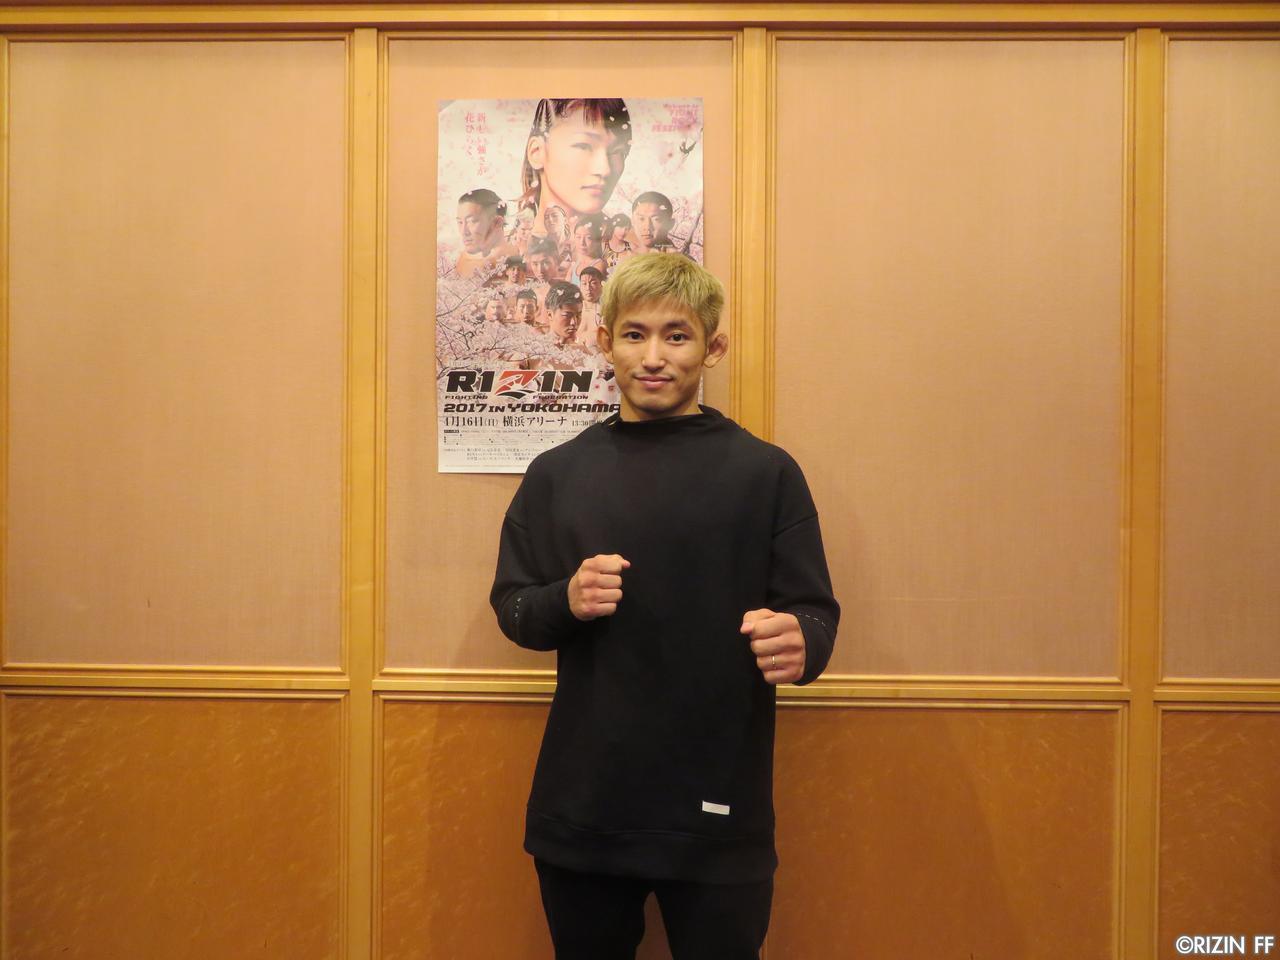 画像2: 「ポテンシャルというか身体能力は伊藤選手より僕のほうが高いと思うので、極められたら極めちゃおうかなと」